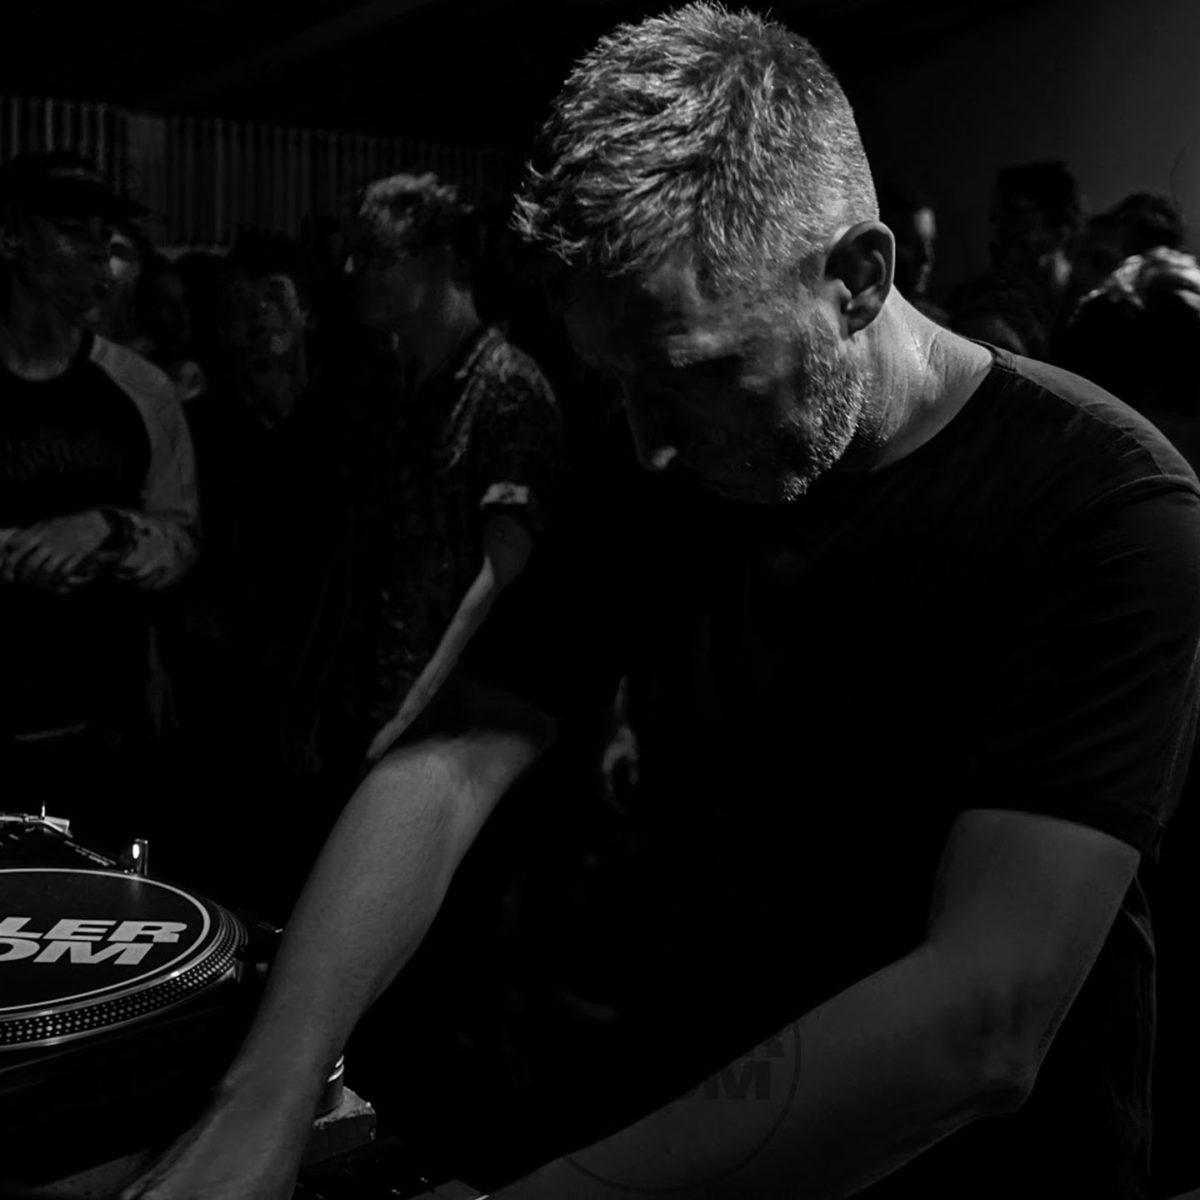 Nebraska DJ